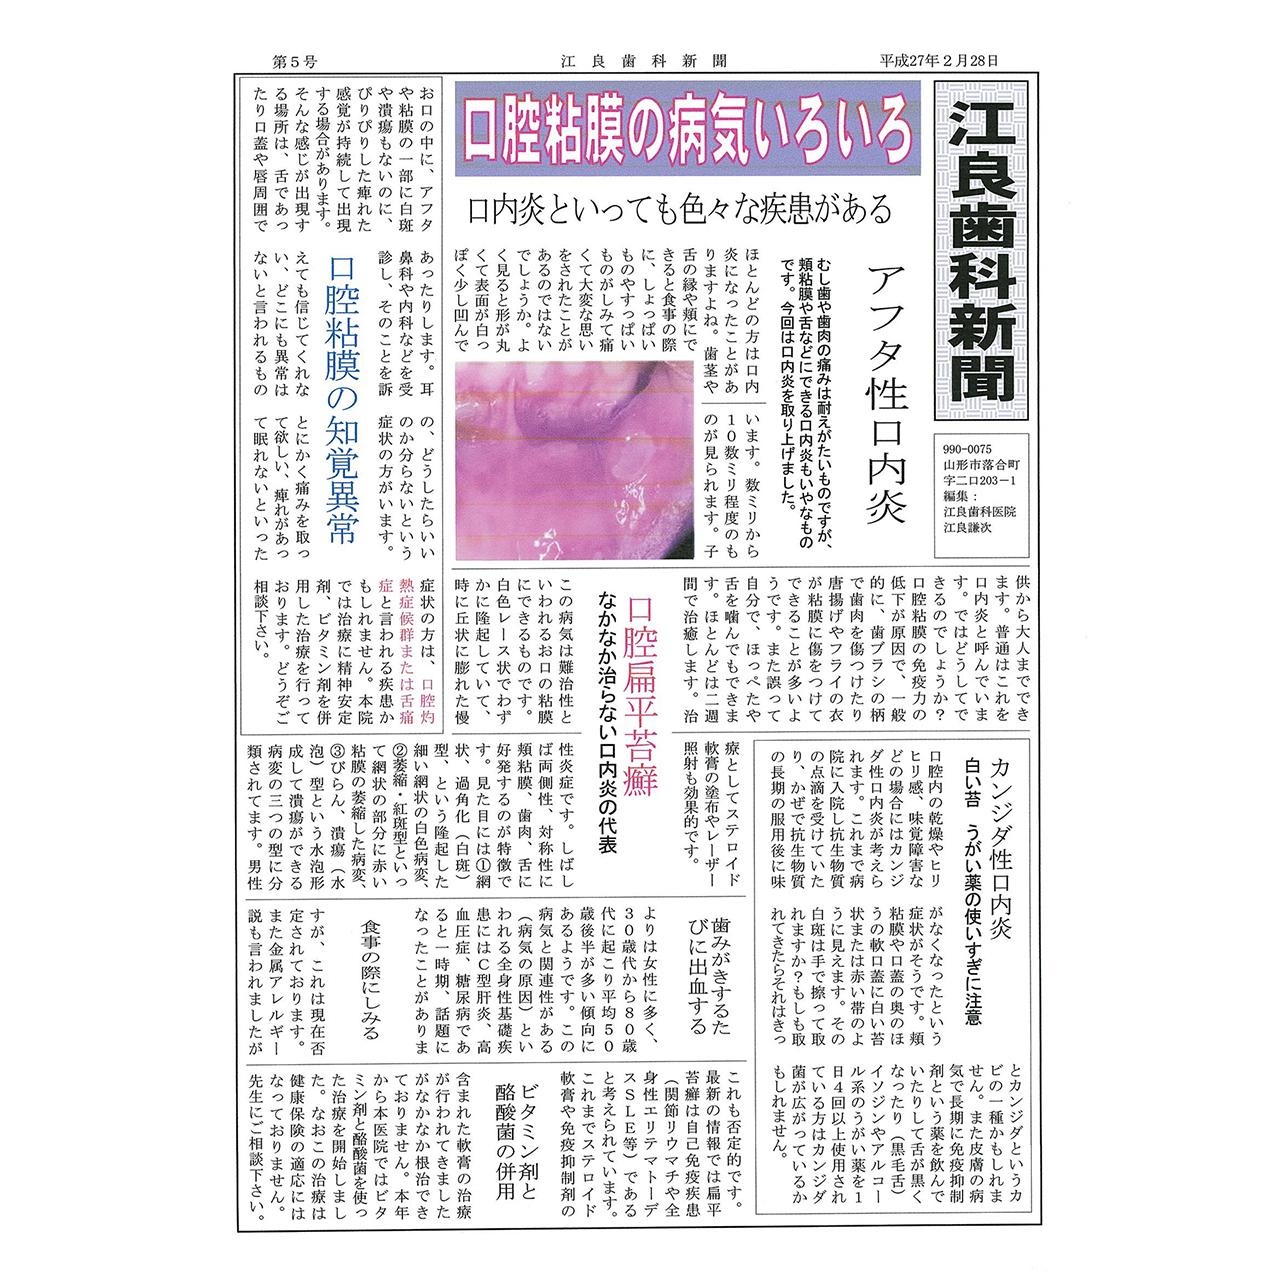 平成27年2月28日発行